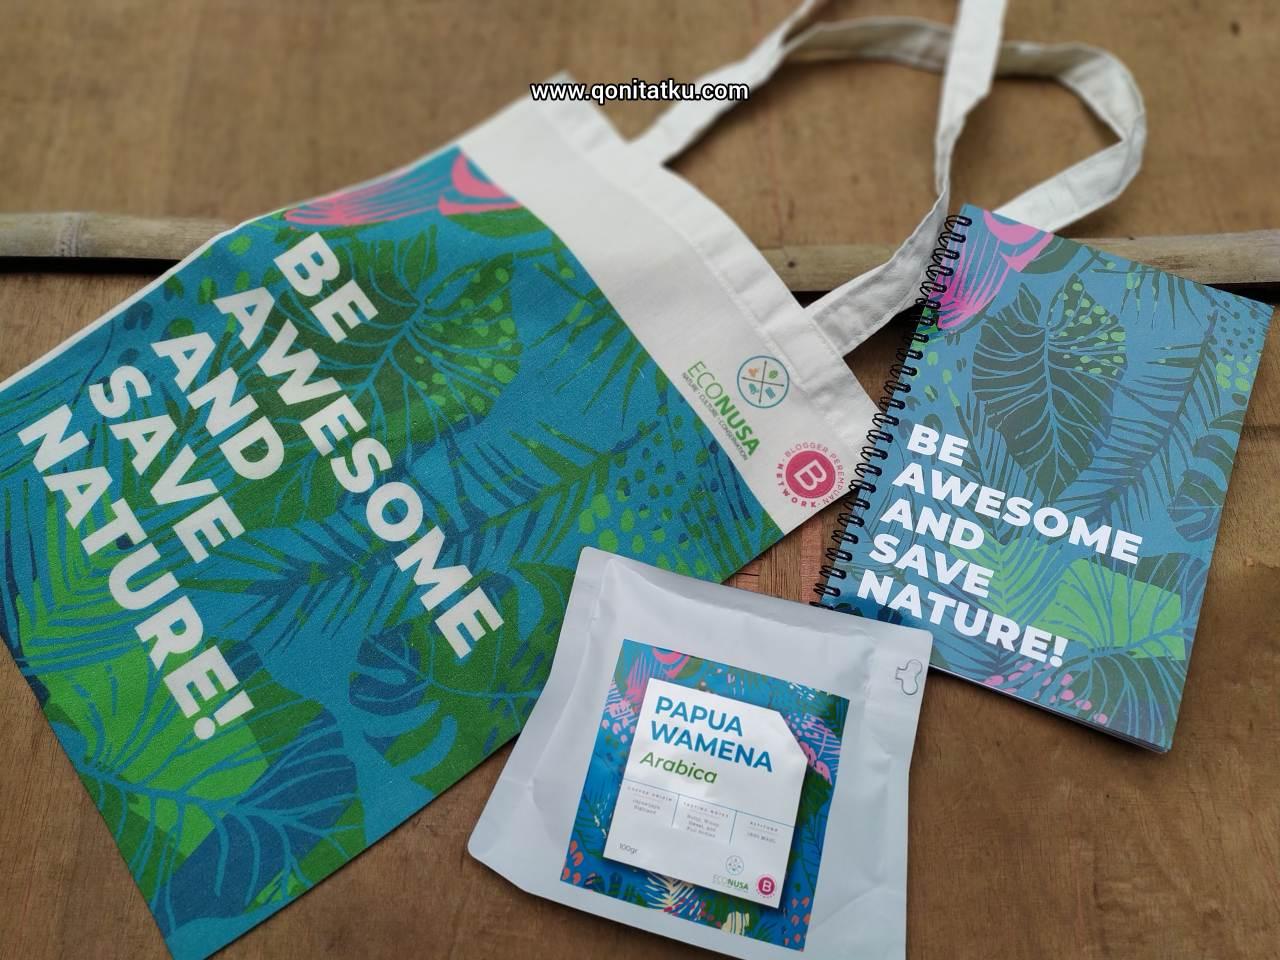 Menjaga dan Memuja Papua Lewat Daring pada 'Wonderful Papua Online Blogger Gathering'